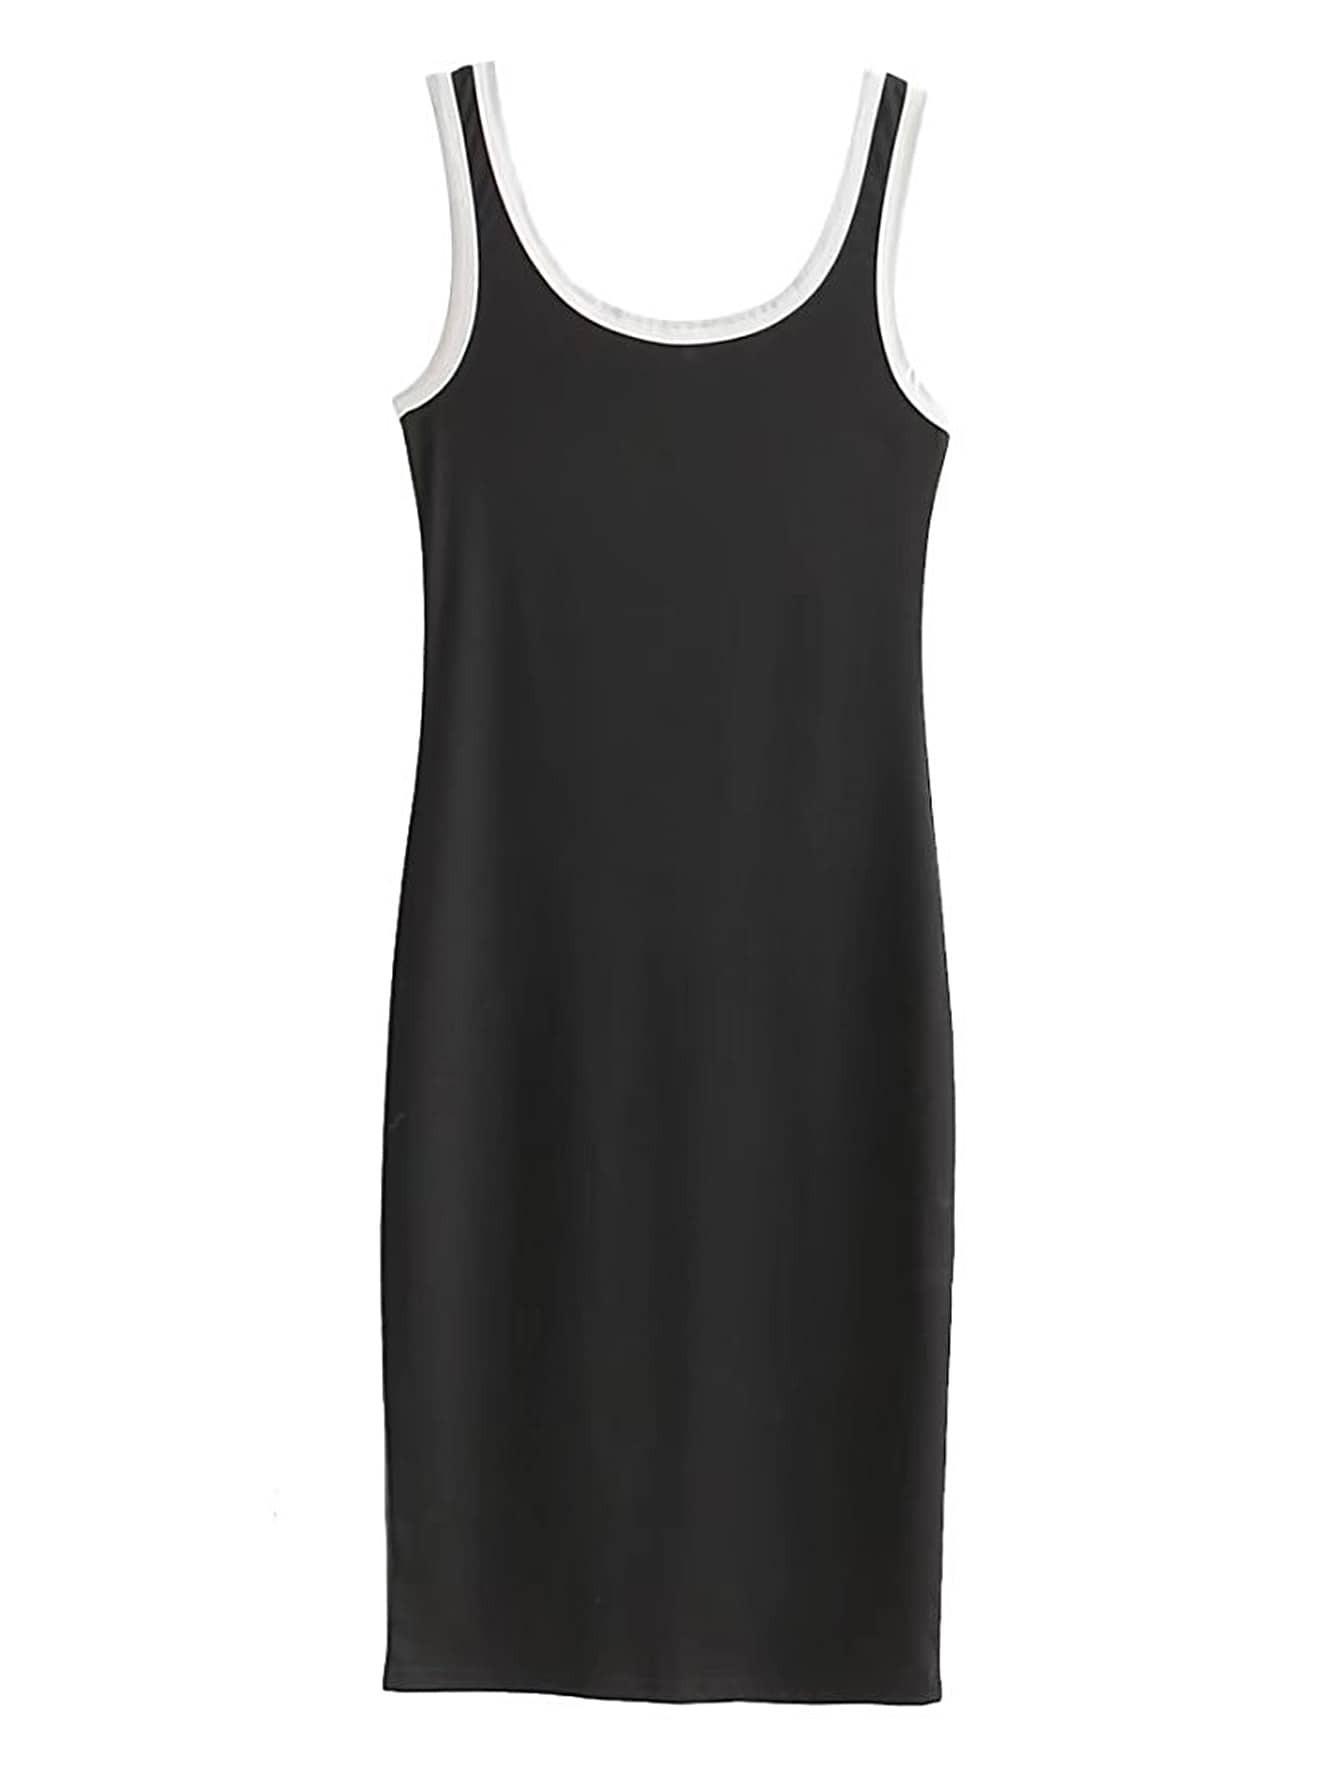 Фото Contrast Binding Tank Dress. Купить с доставкой